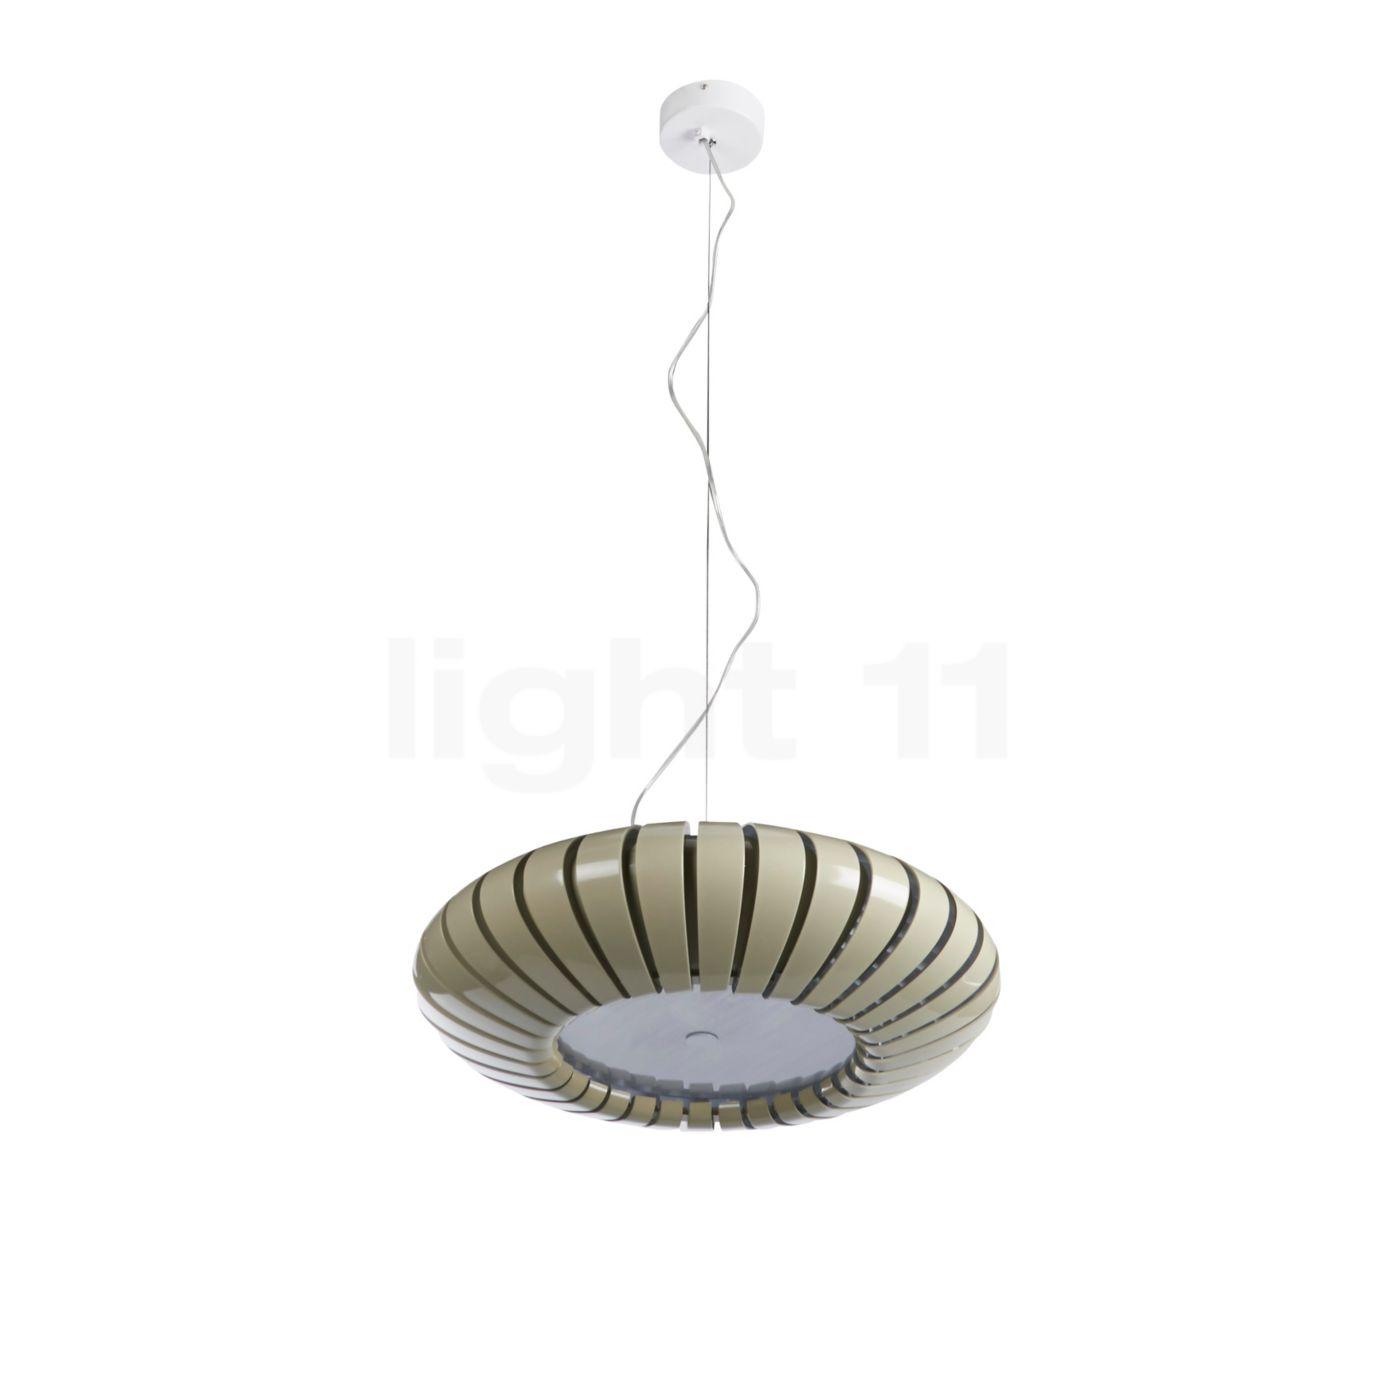 Marset maranga hanglamp hanglamp kopen op light11.nl